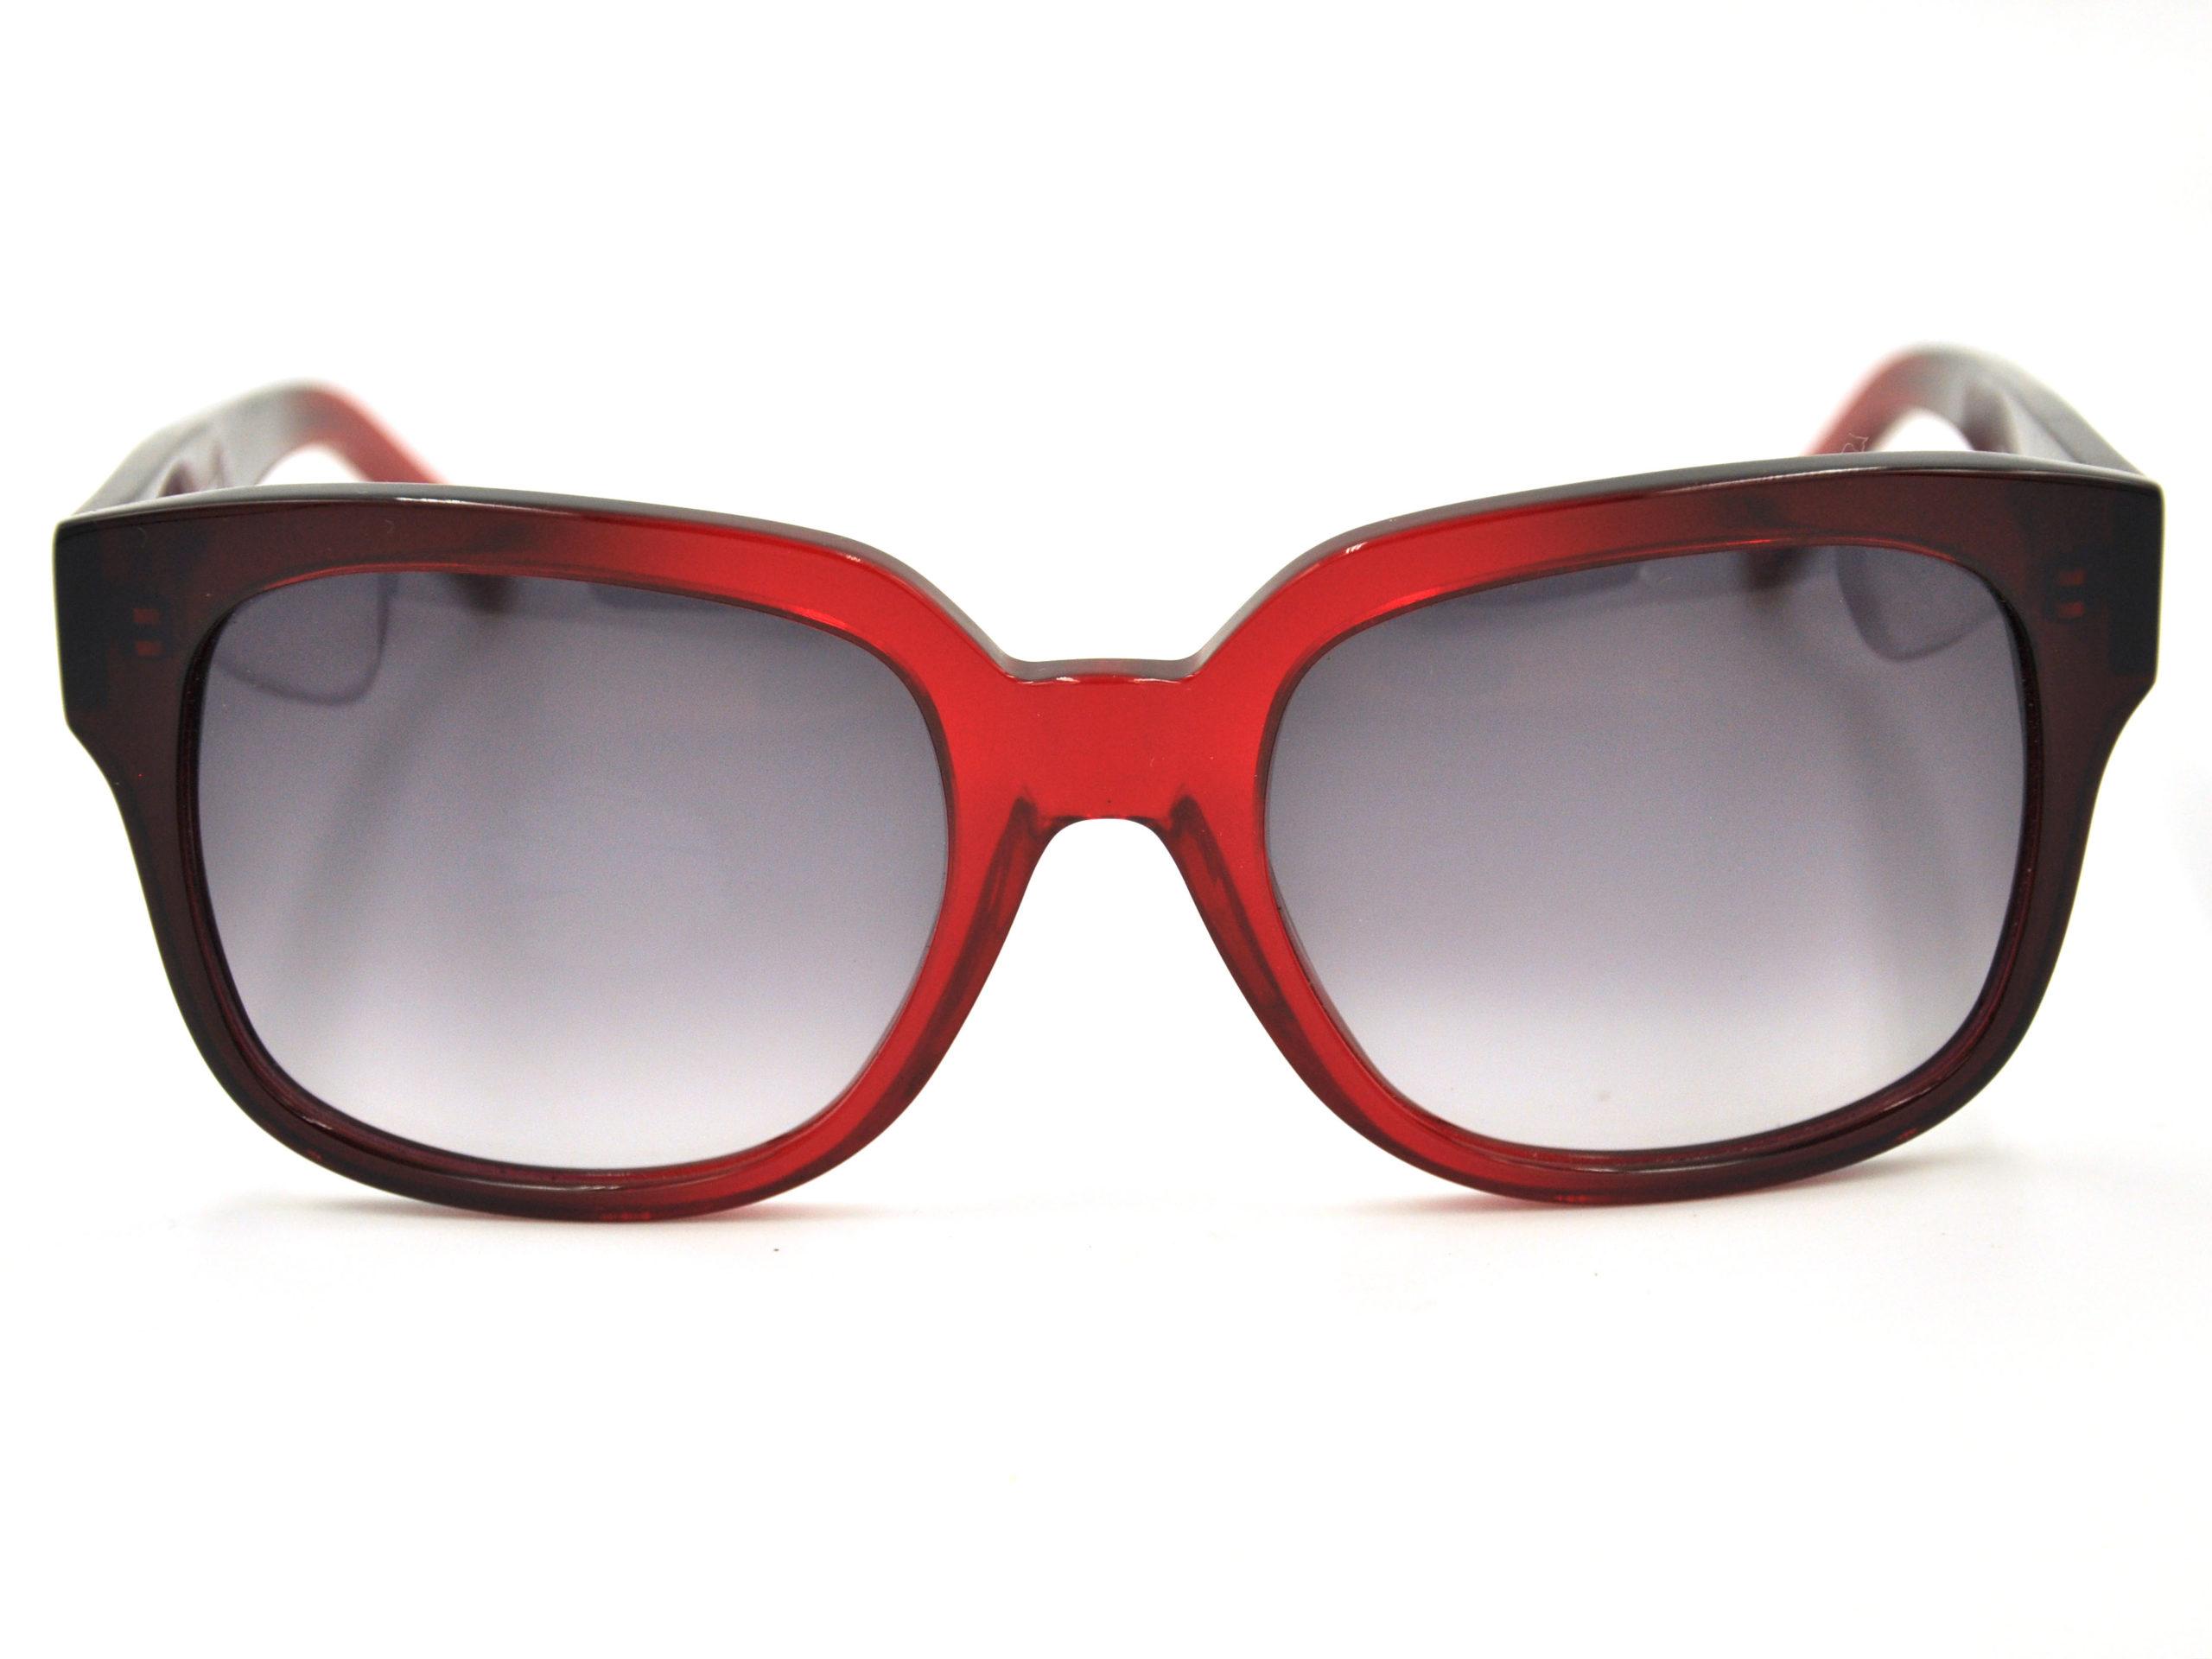 Γυαλιά ηλίου Rebecca Blu RB8596 RK05 Πειραιάς